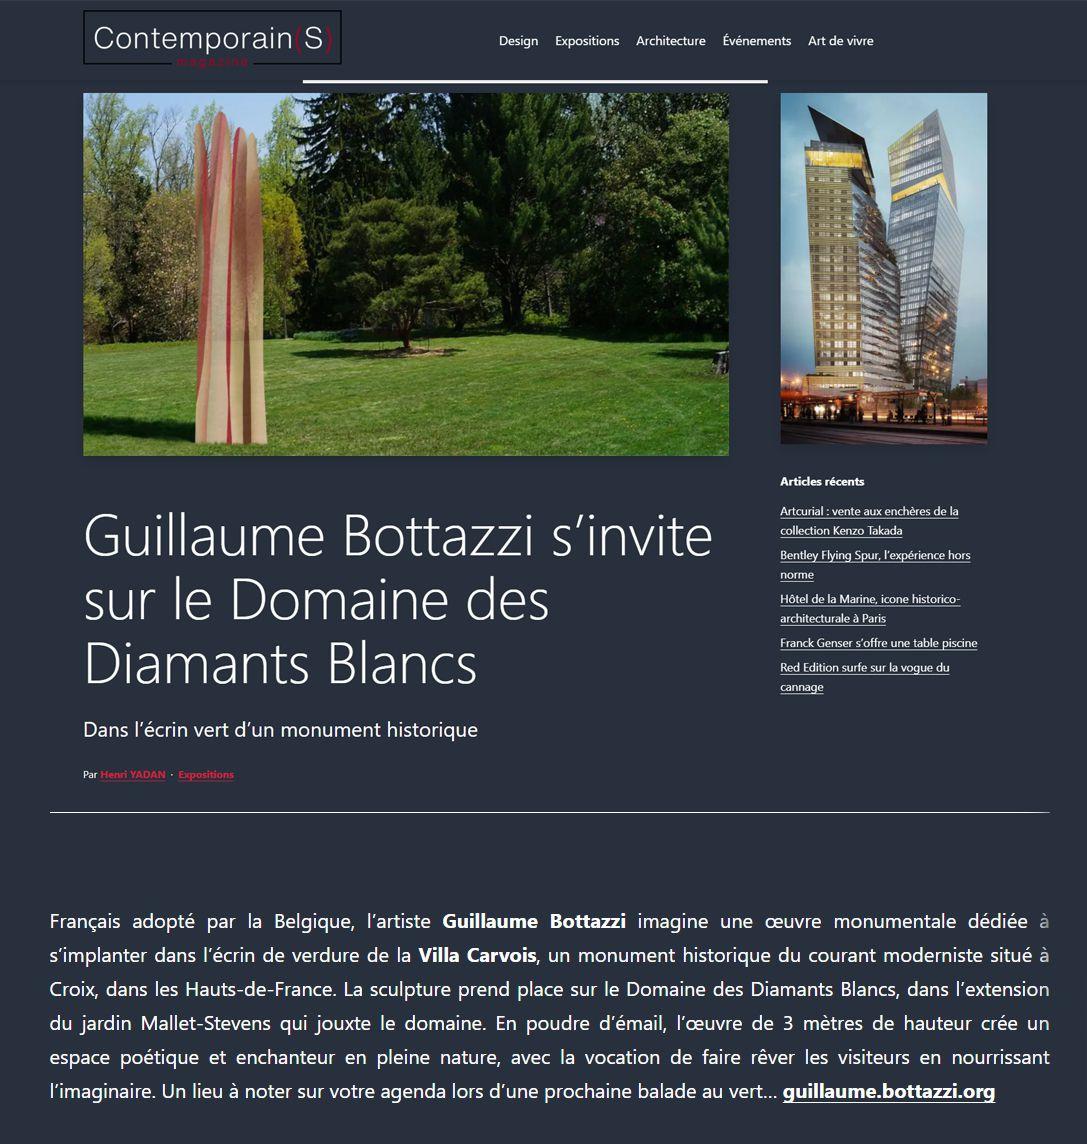 Sculpture de Guillaume Bottazzi de 3 mètres de haut qui prendra place dans le Domaine des Diamants Blancs à Croix, situé dans l'extension du jardin Mallet-Stevens